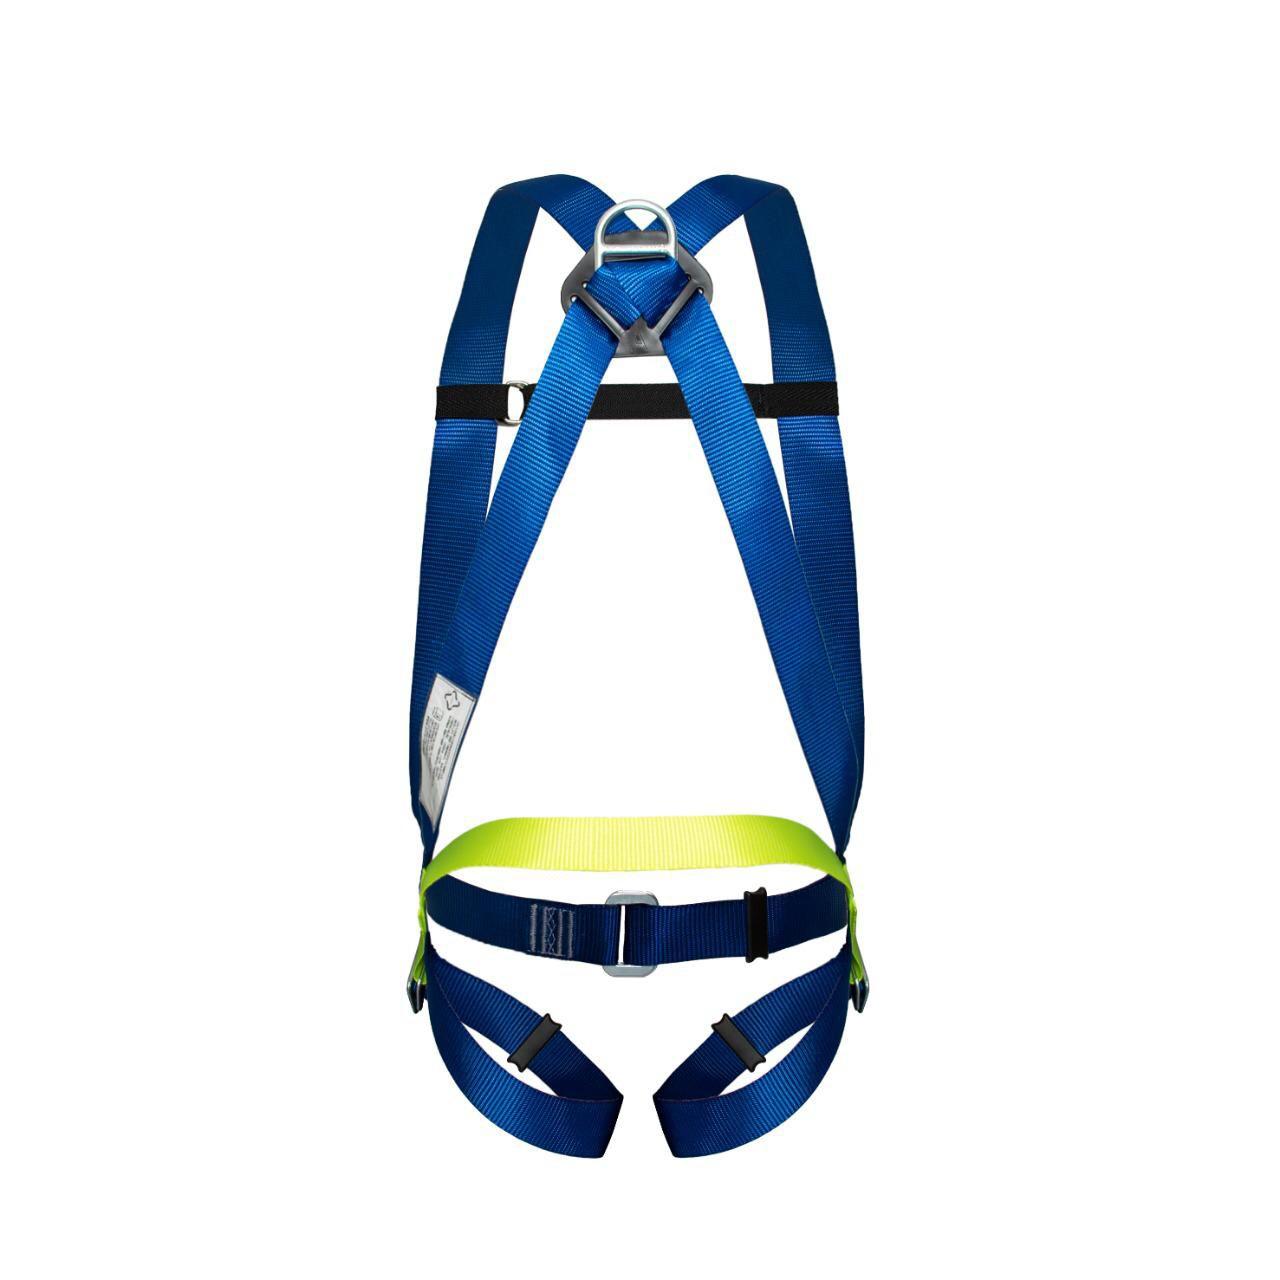 Cinto Paraquedista Simples 2002 CA 42826